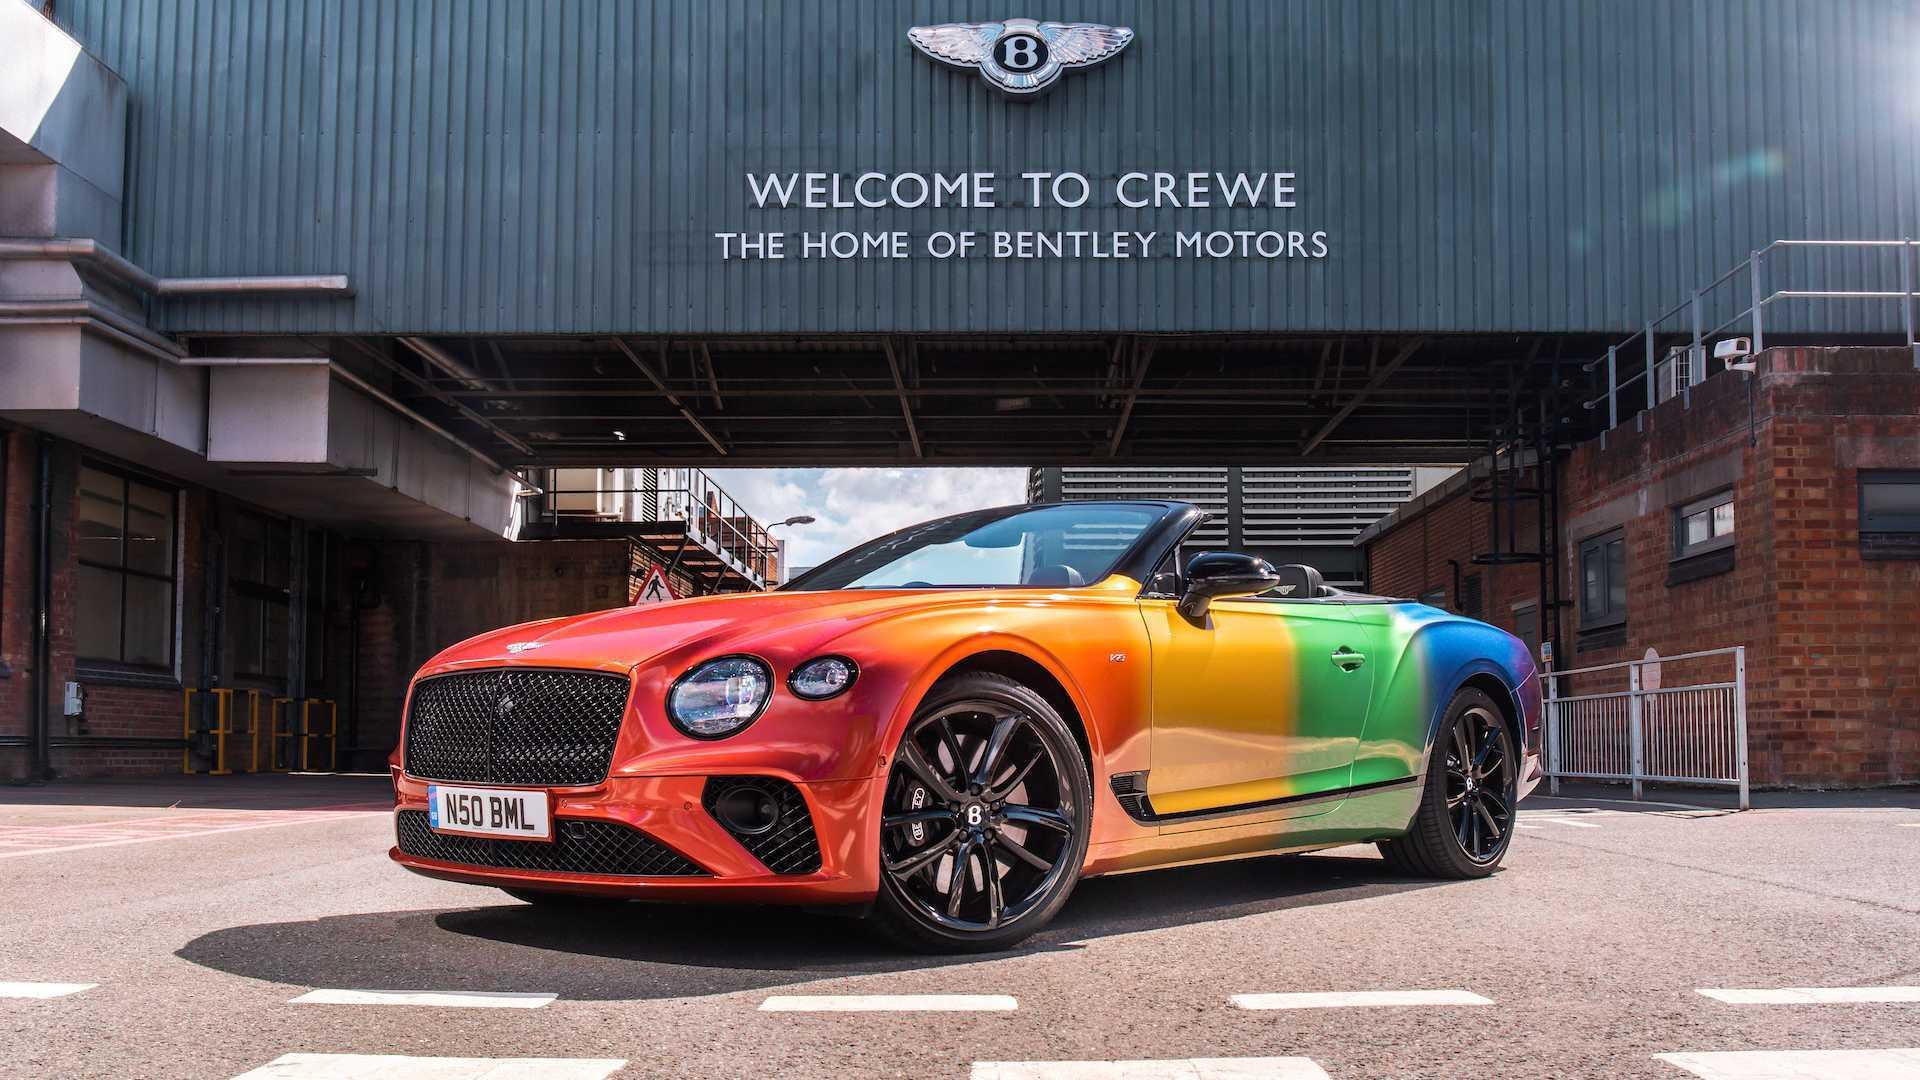 宾利官方推出欧陆GT敞篷特别彩虹版,够靓够骚!